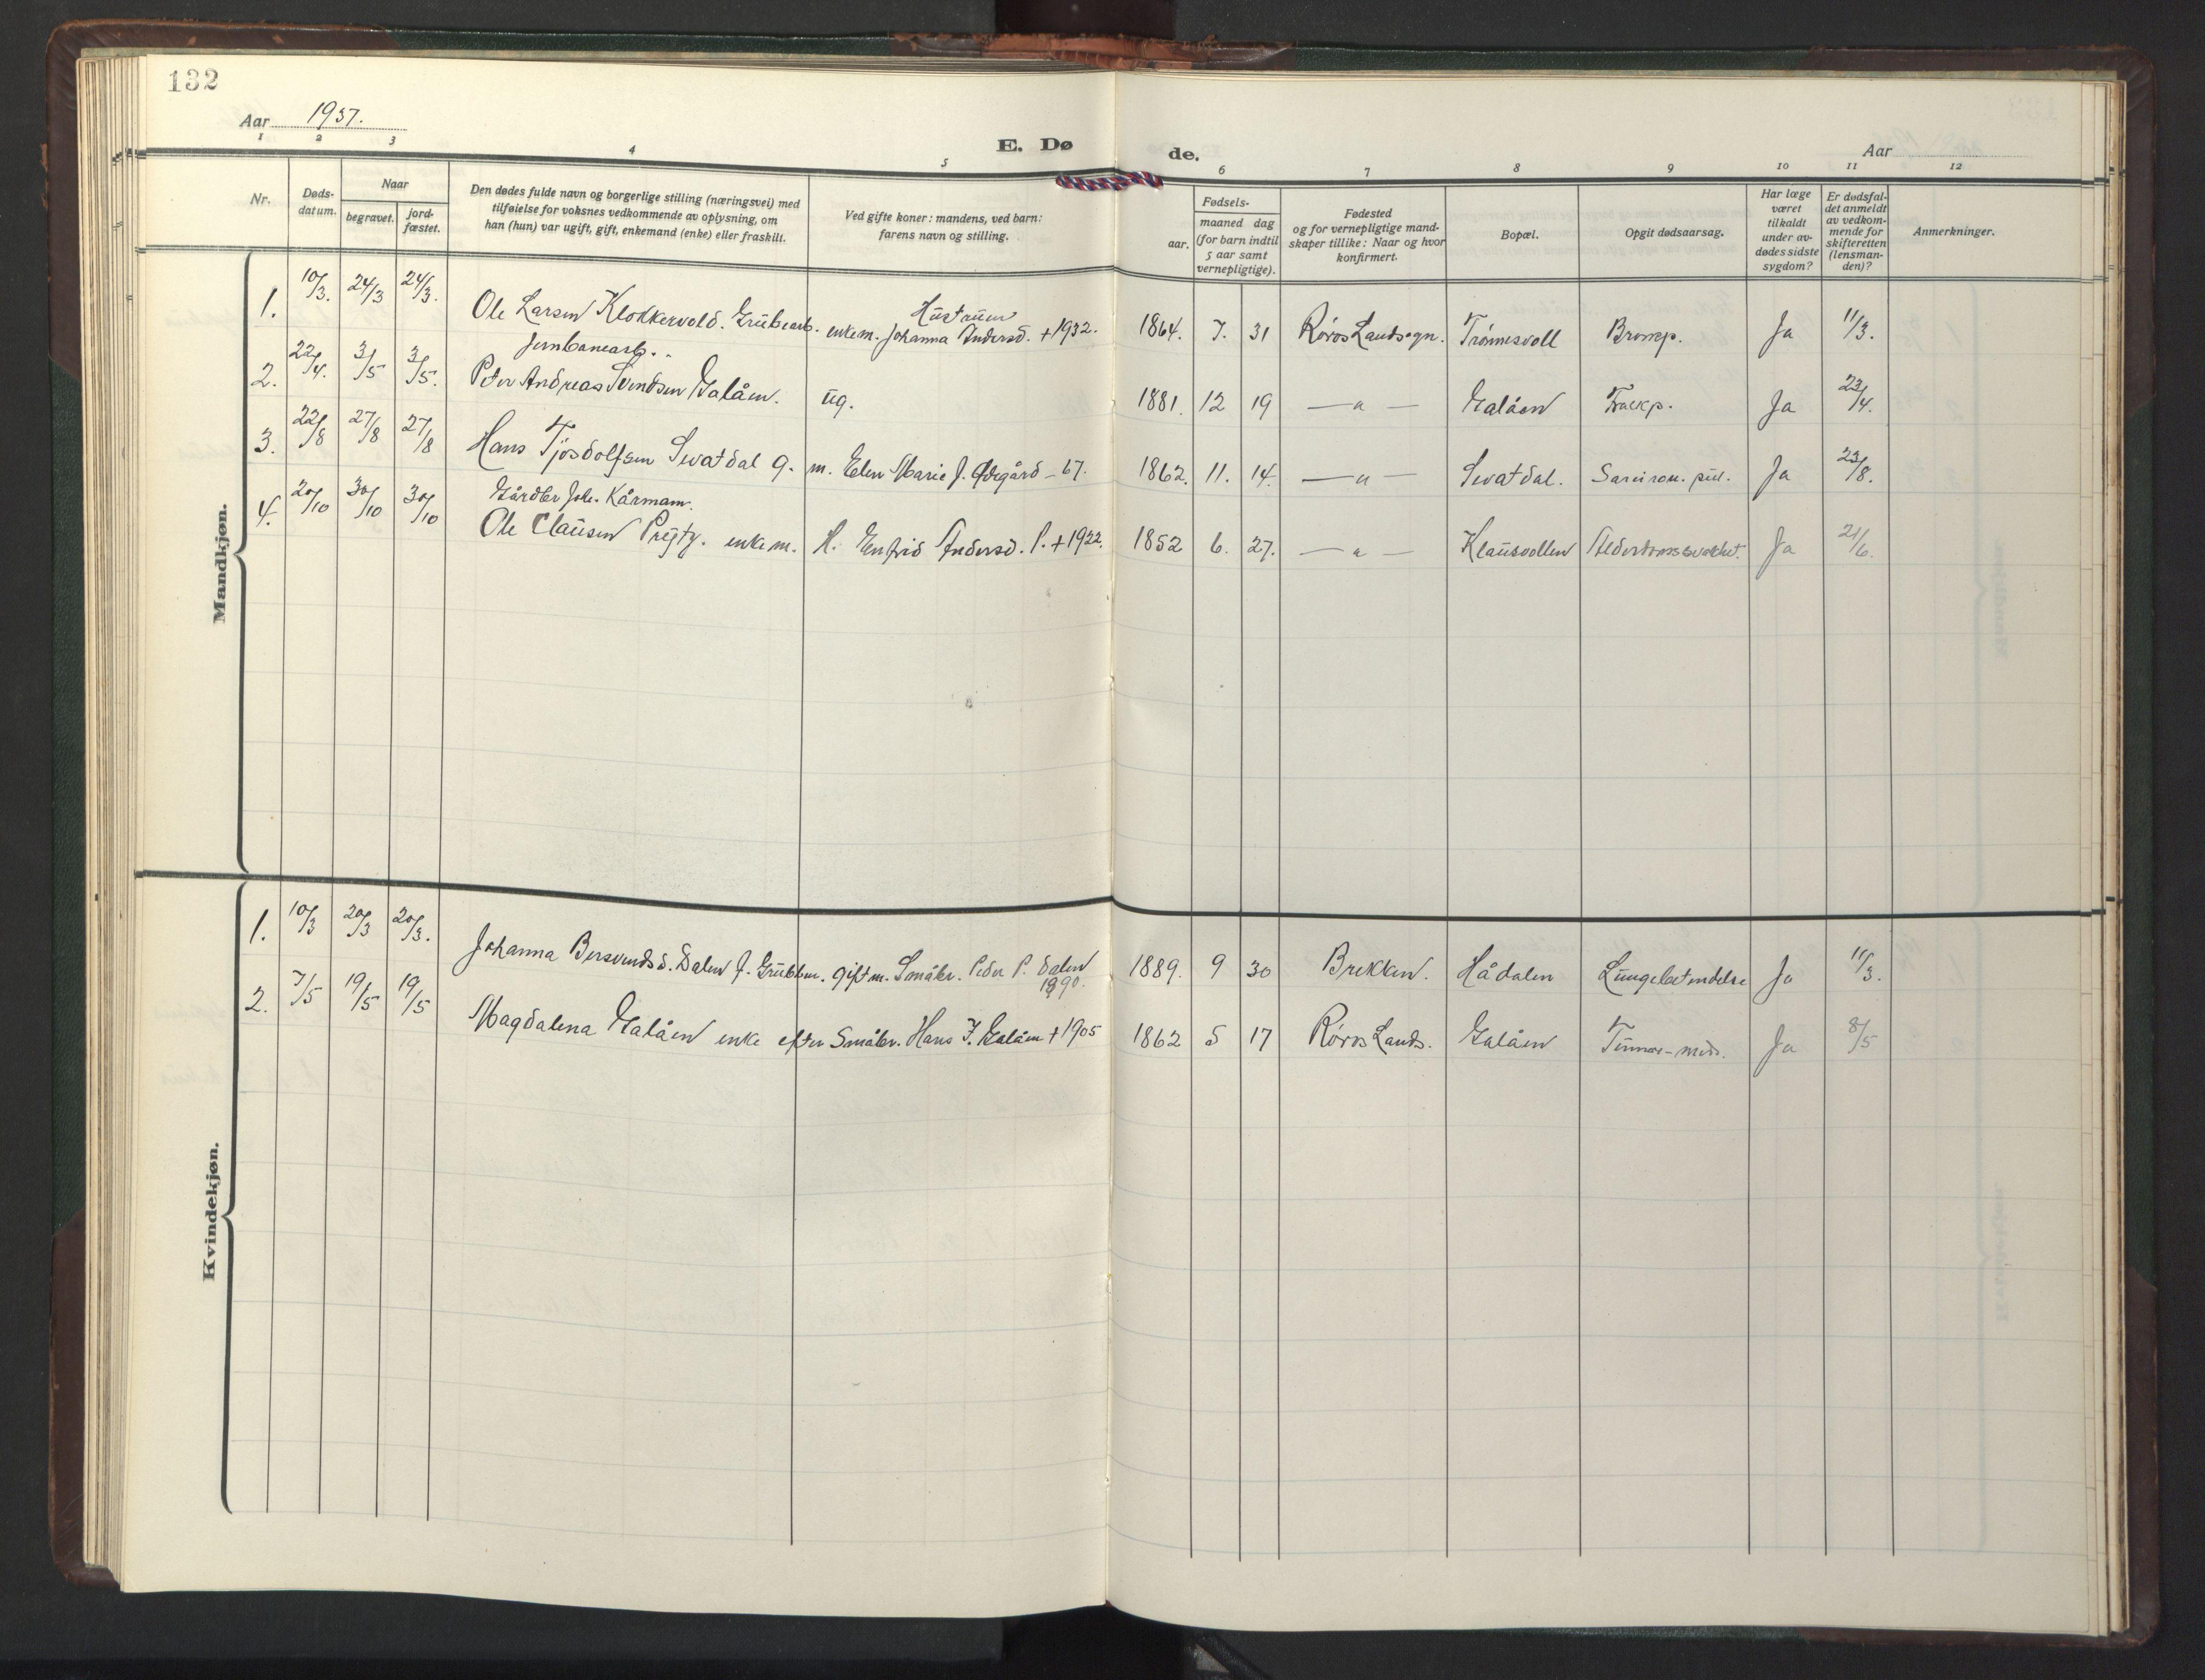 SAT, Ministerialprotokoller, klokkerbøker og fødselsregistre - Sør-Trøndelag, 681/L0944: Klokkerbok nr. 681C08, 1926-1954, s. 132